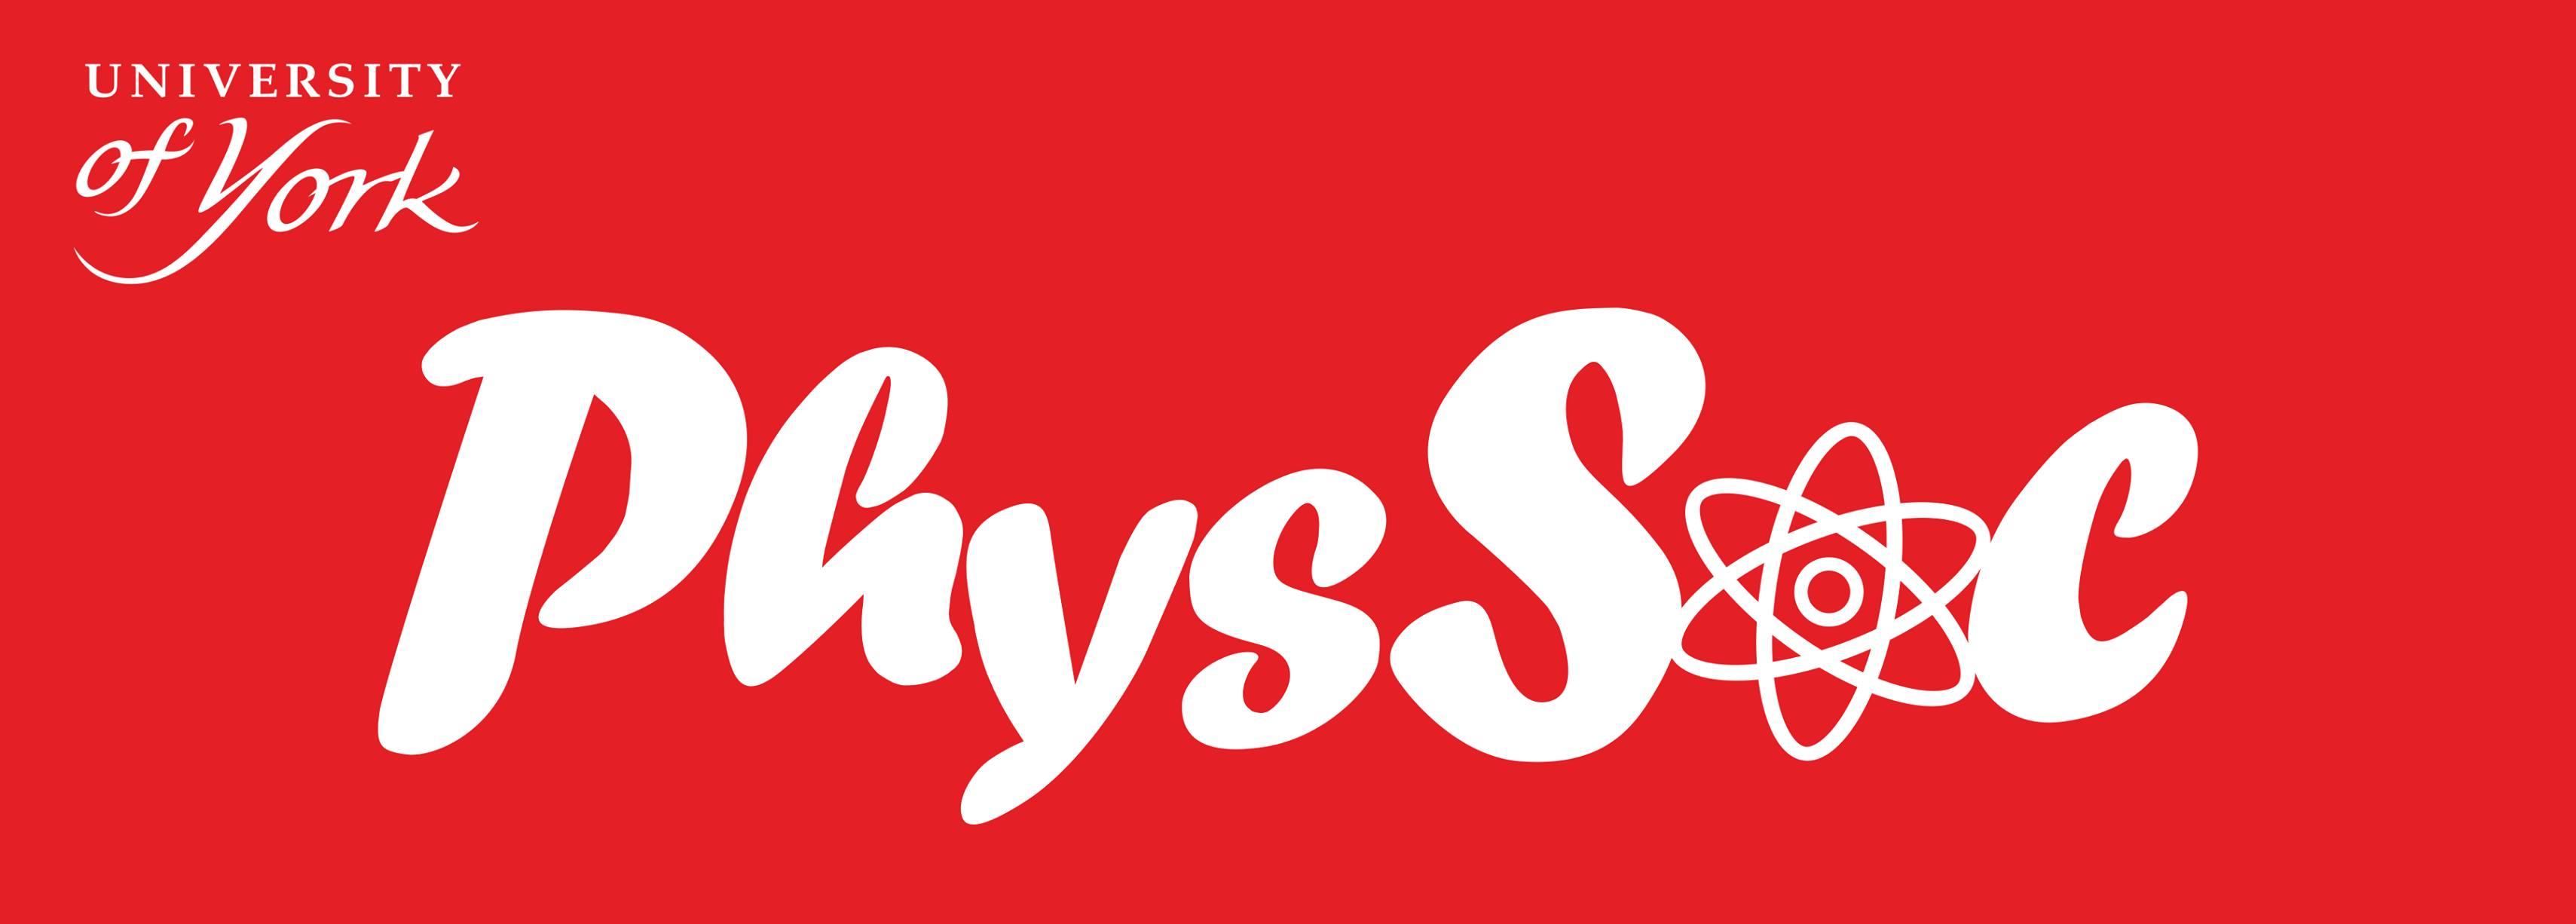 Physics Society (PhysSoc)